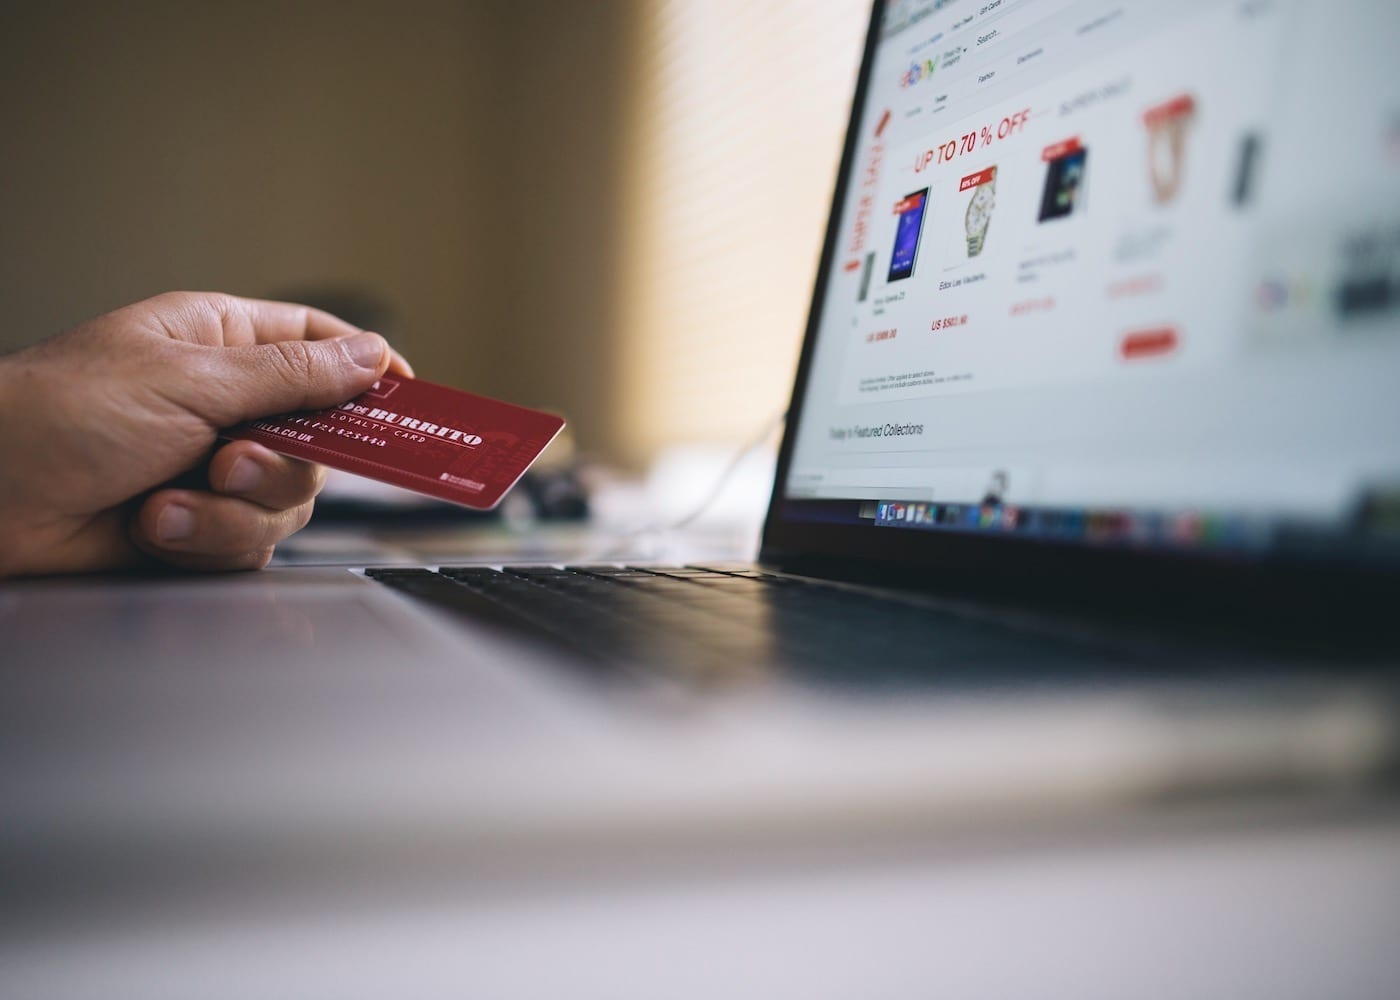 Shop online | What to do during coronavirus quarantine